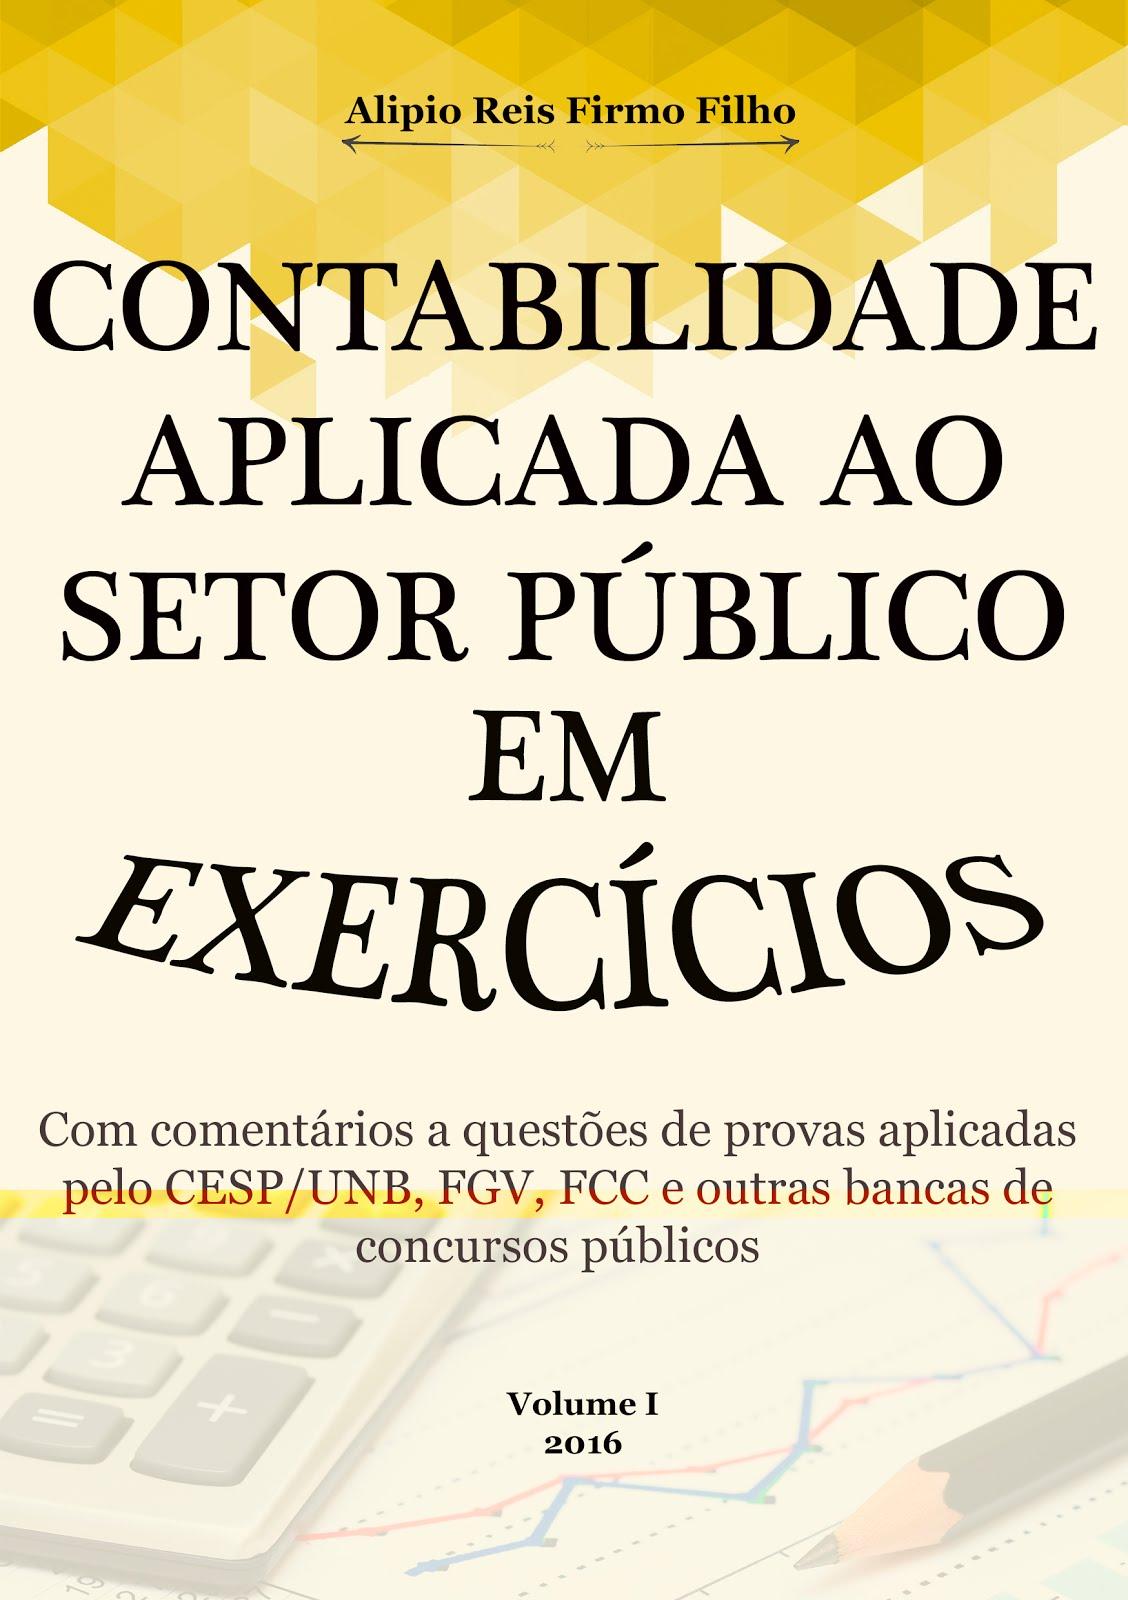 CONTABILIDADE APLICADA AO SETOR PÚBLICO EM EXERCÍCIOS